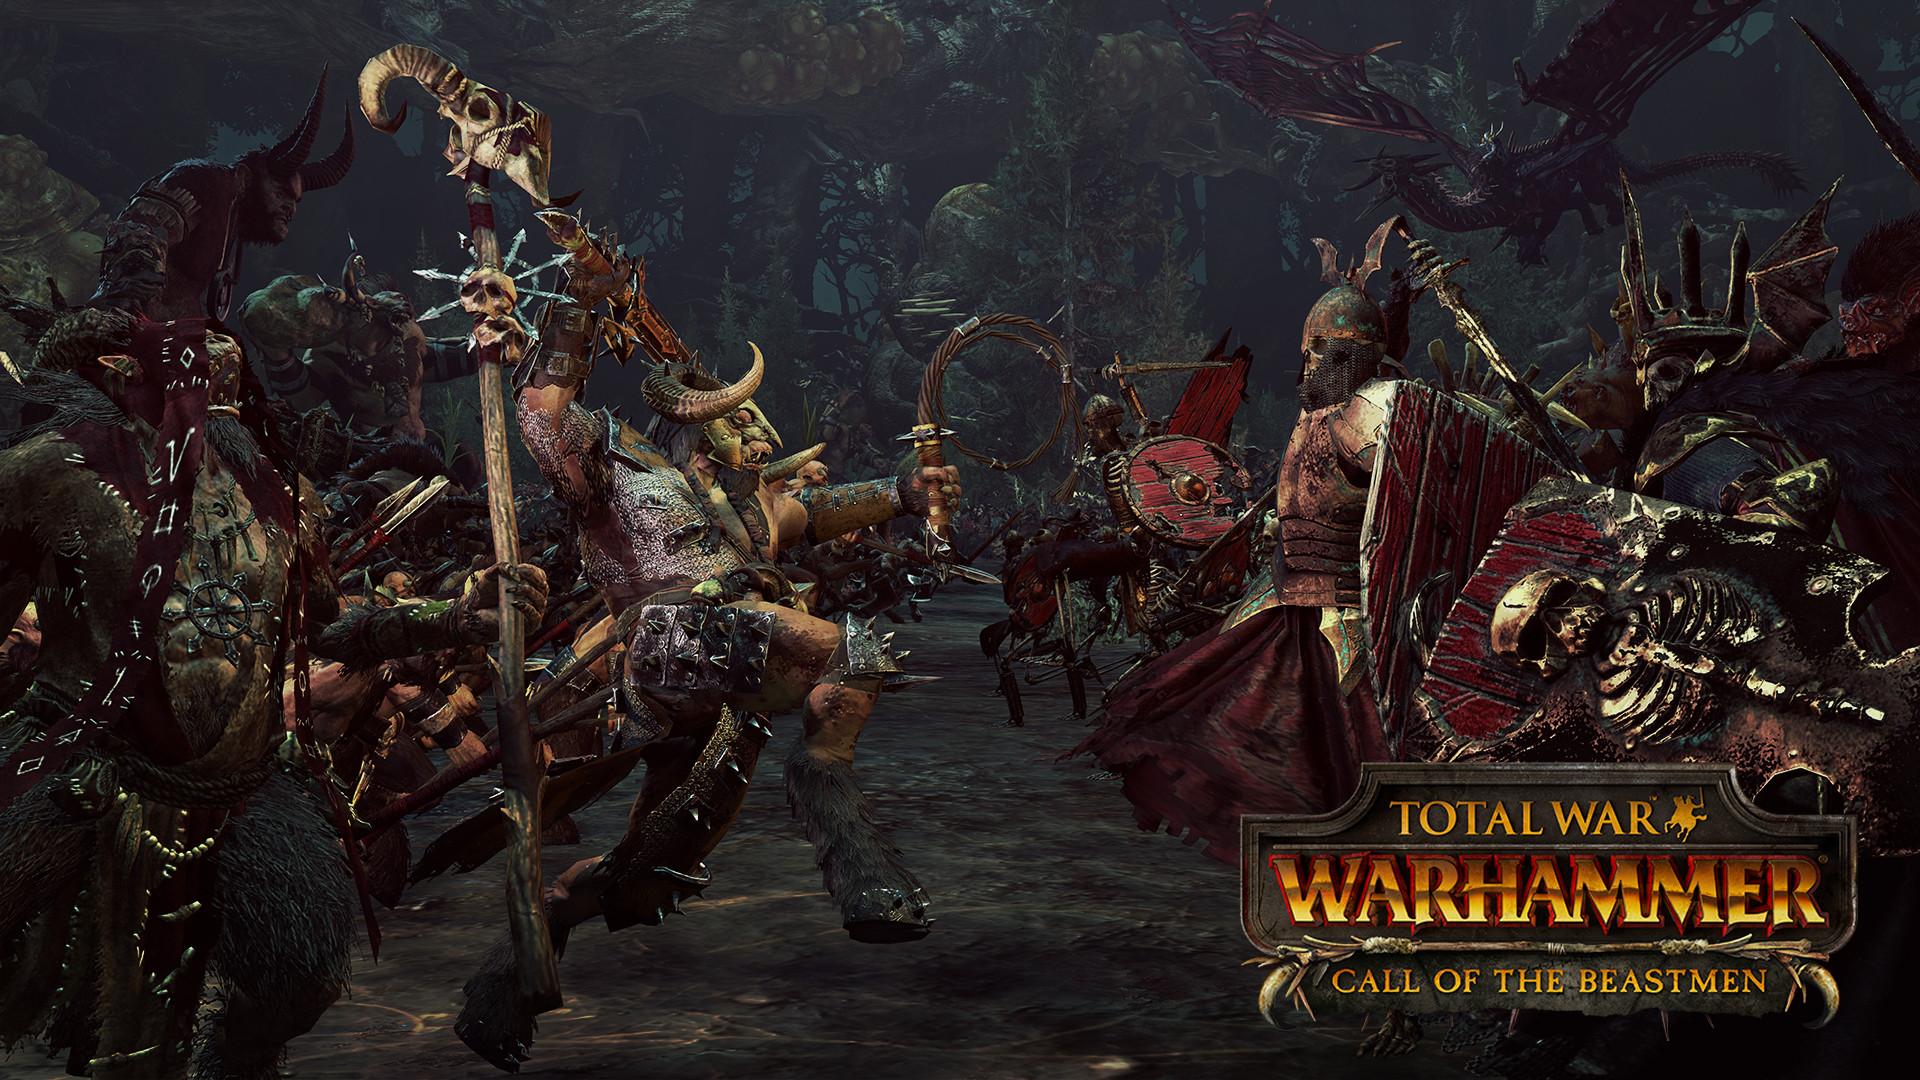 Třetí DLC do Total War: Warhammer bude zaměřeno na Beastmeny 127057